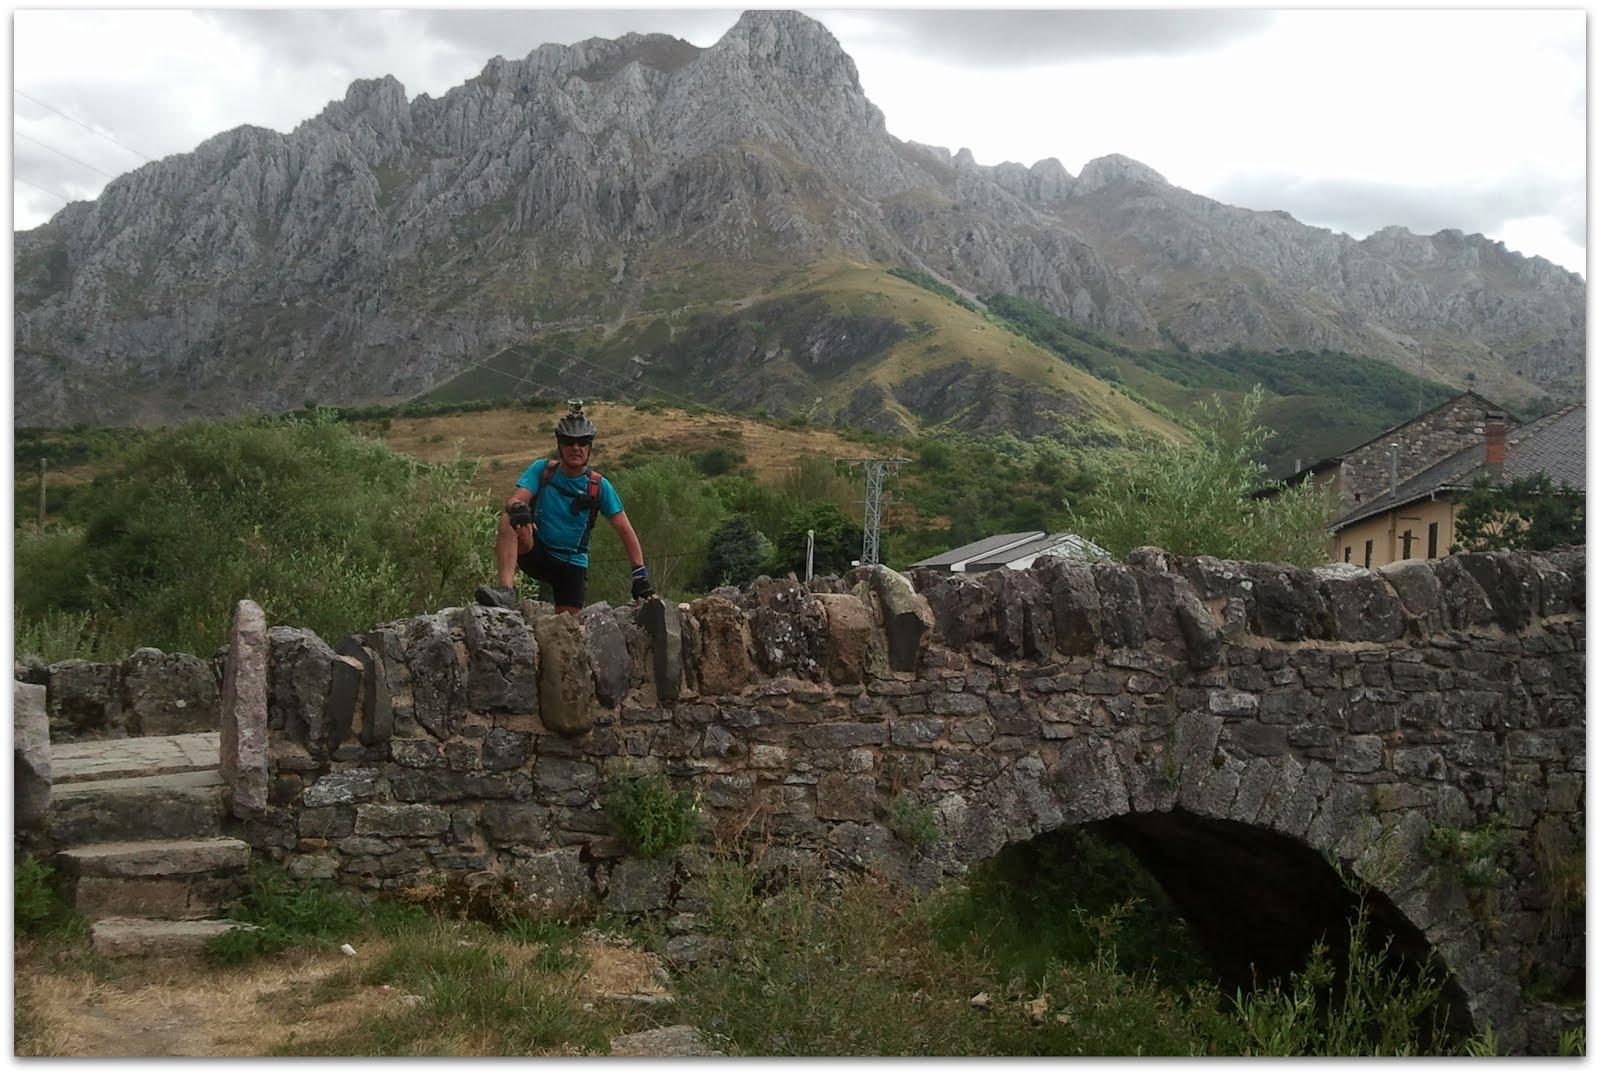 Marcha por la Cordillera Cantábrica . Segunda parte